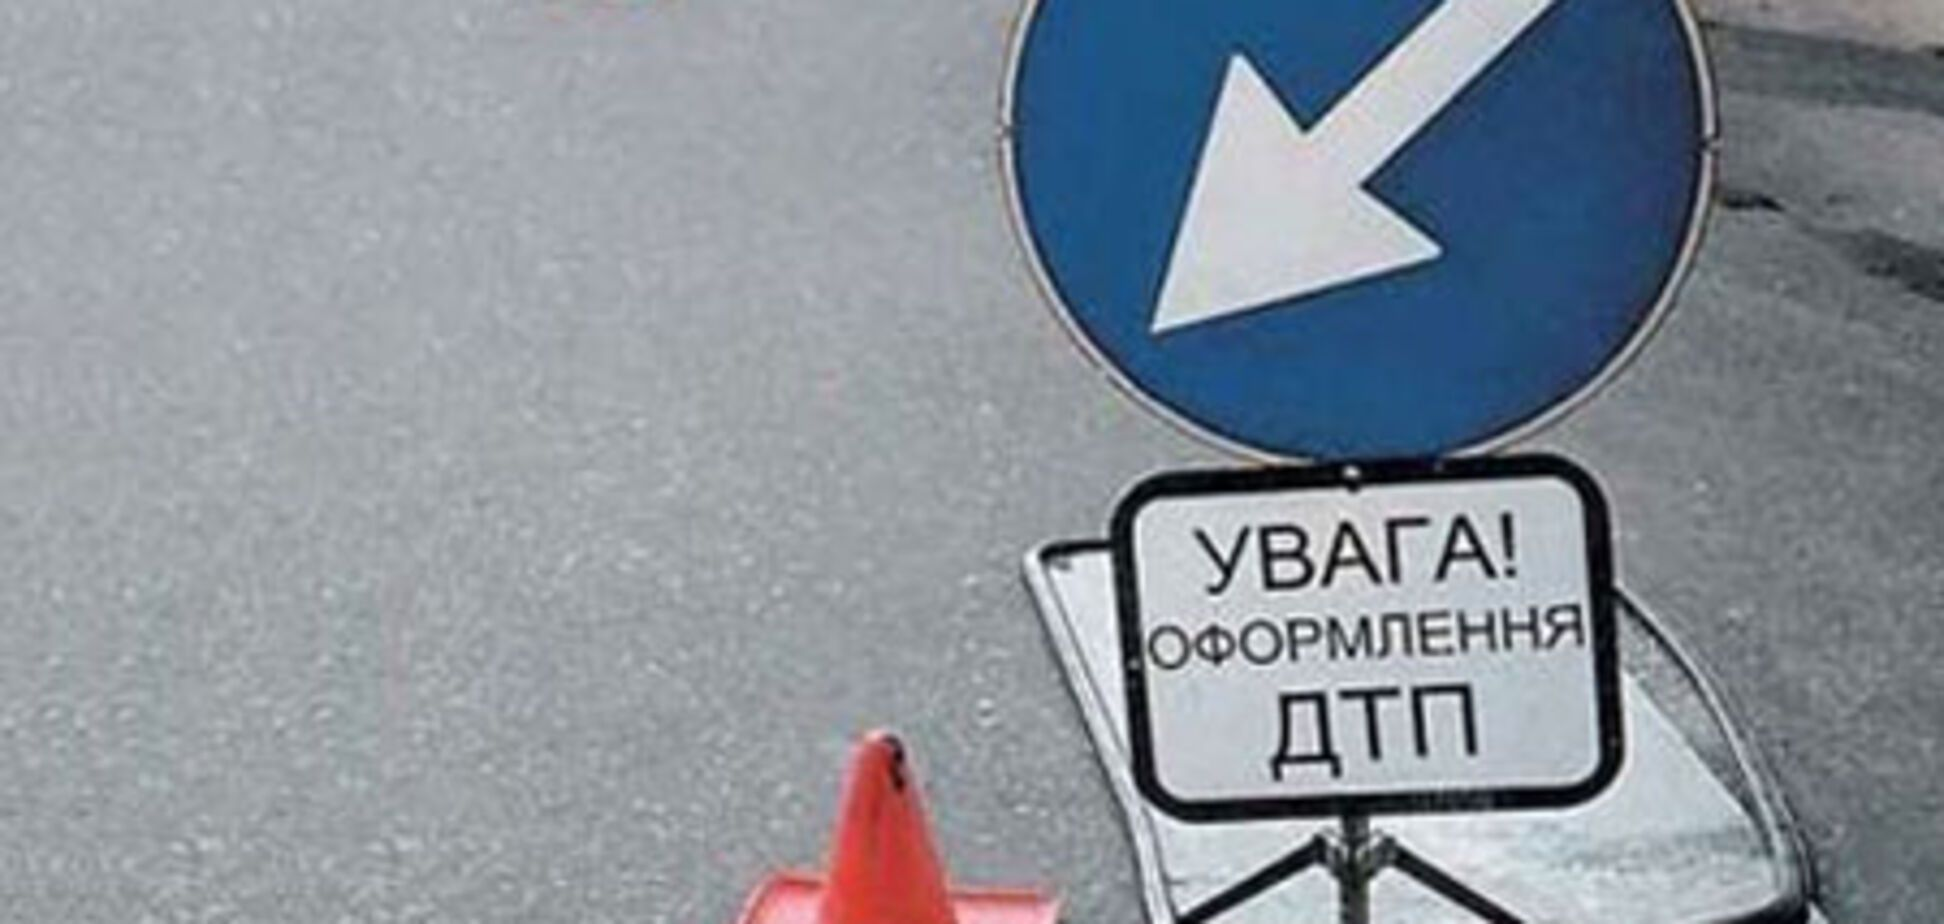 На Харьковщине легковушка врезалась в автобус